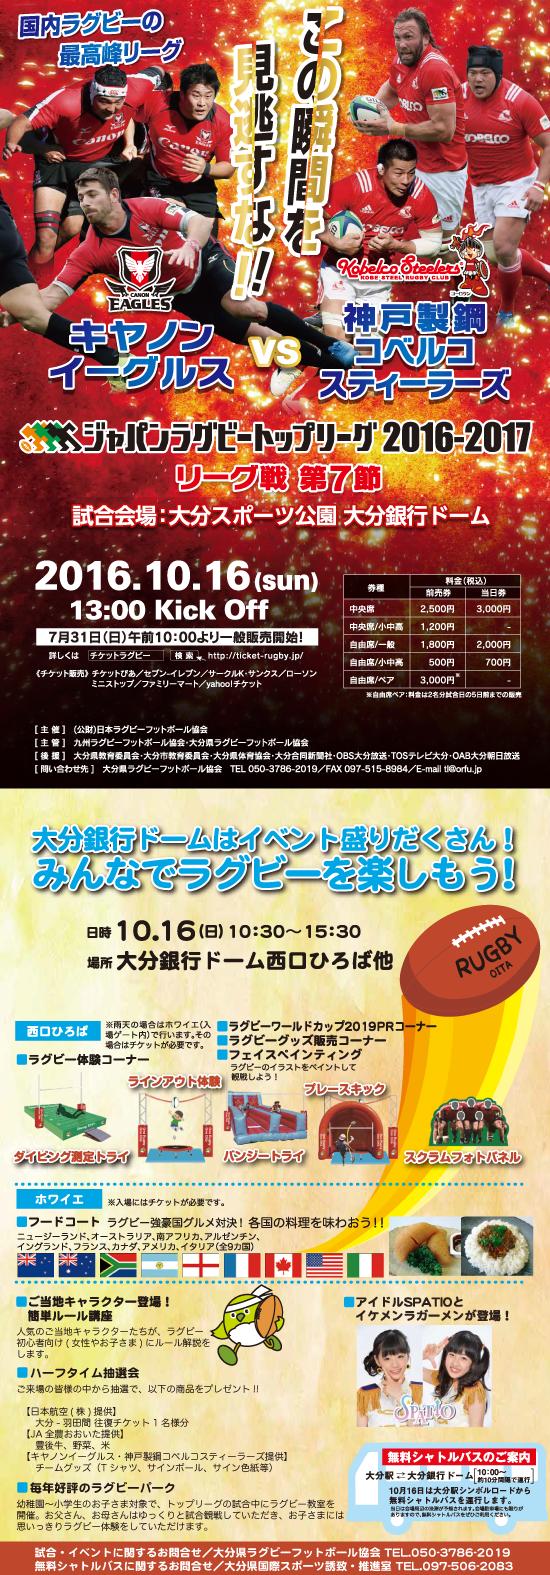 トップリーグチラシ(イベント)